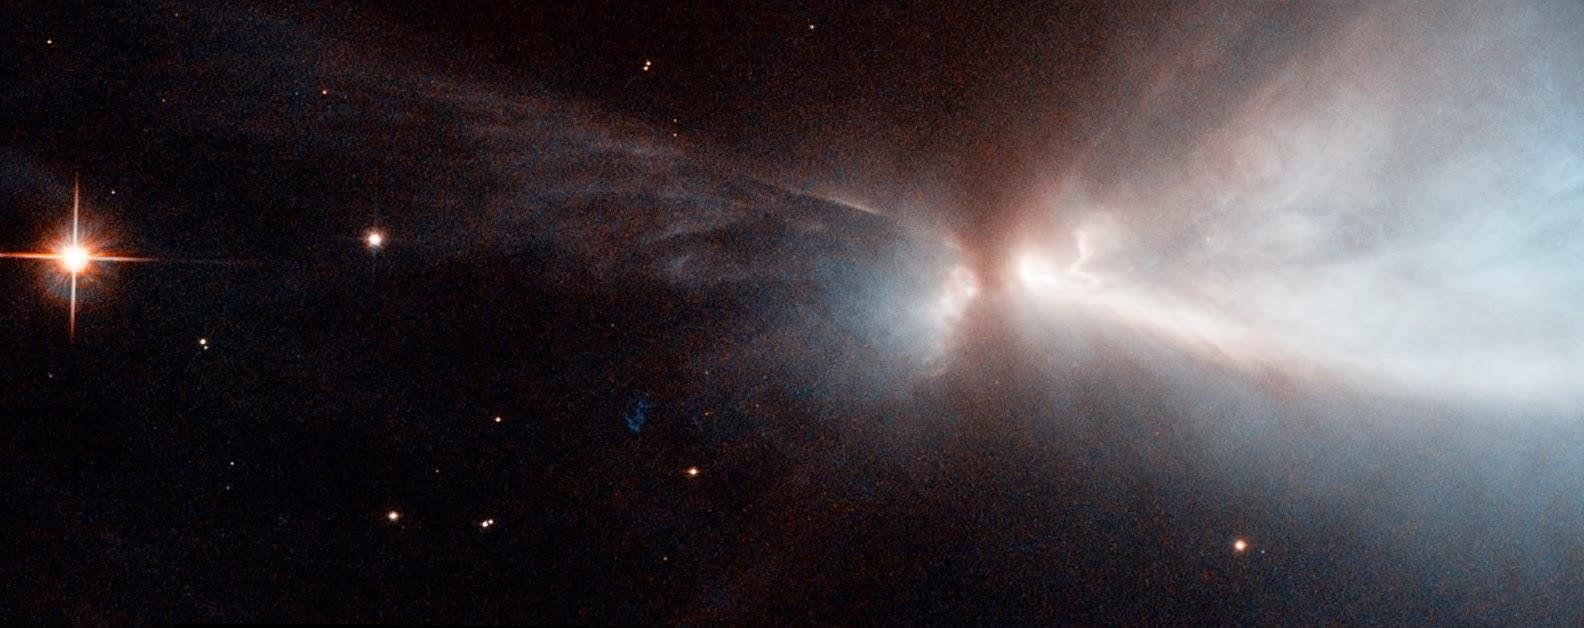 Молекулярное облако Хамелеон 1  в созвездии Хамелеон